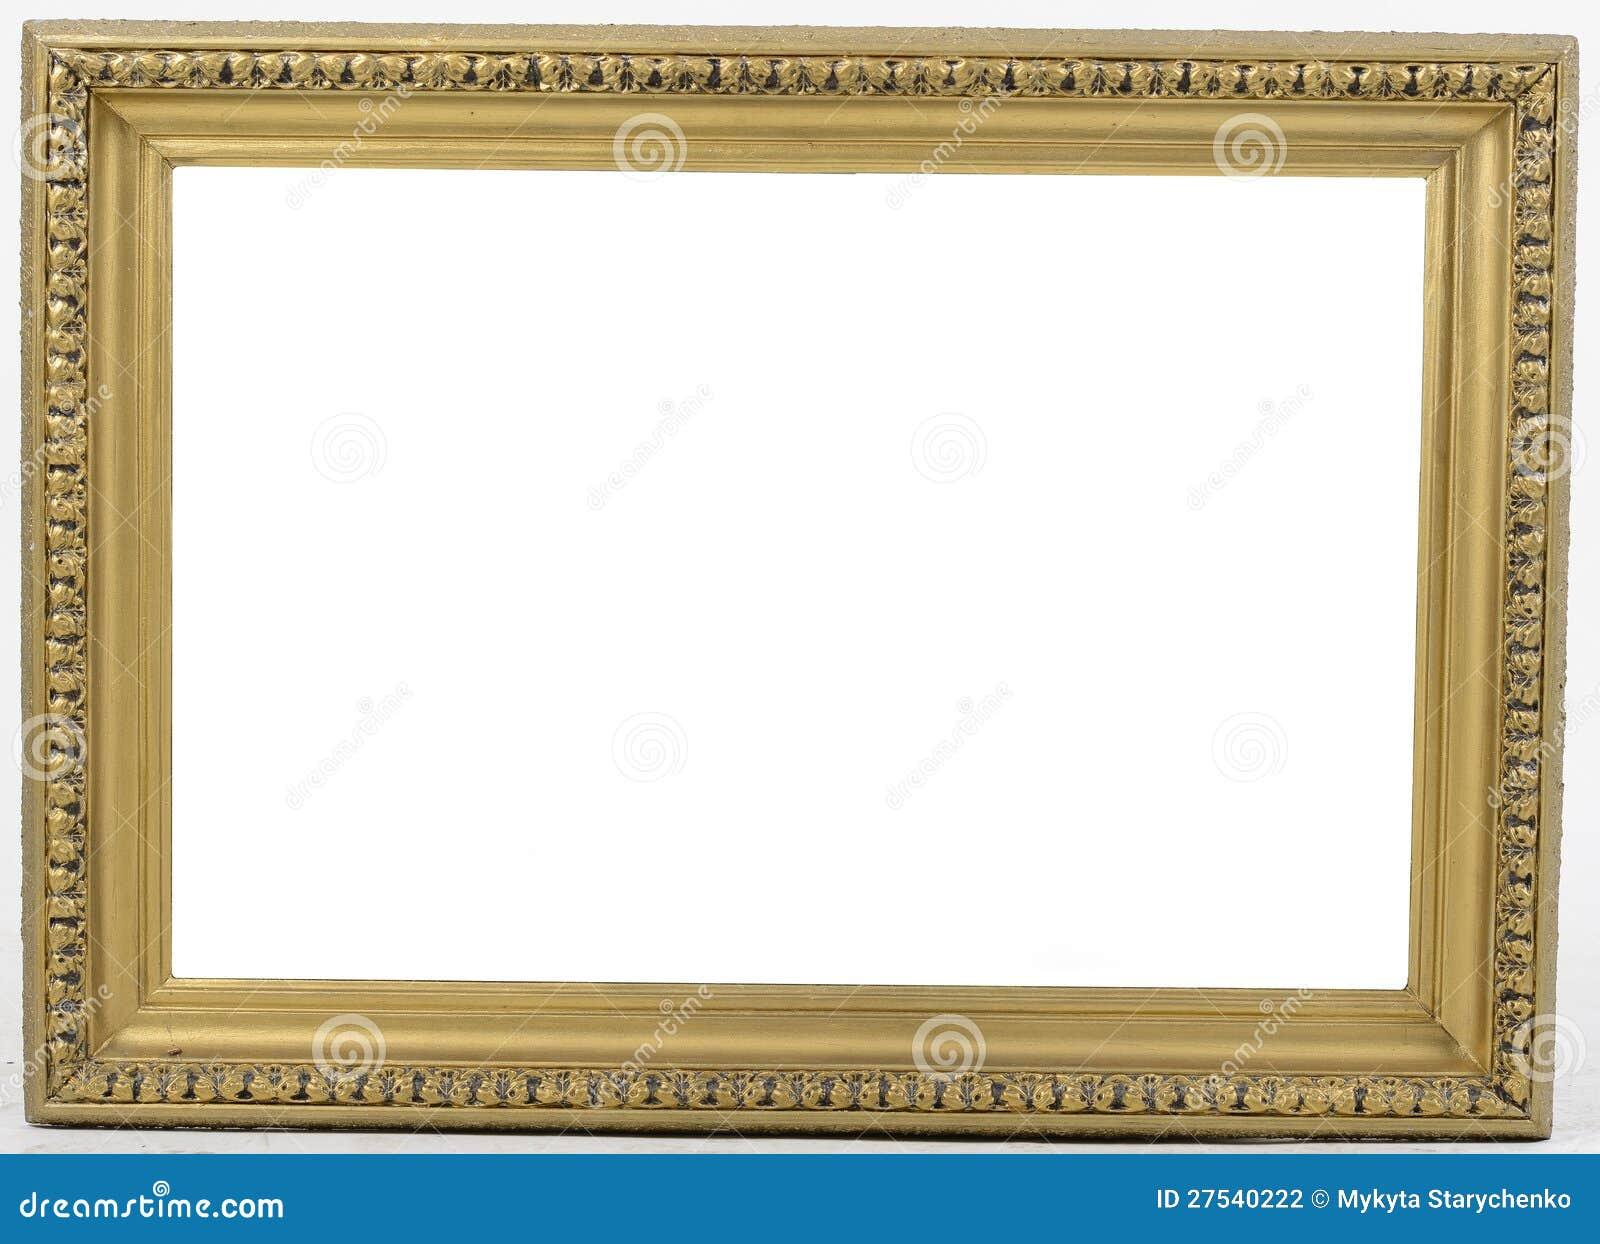 Alter Bilderrahmen Auf Weißem Hintergrund Stock Abbildung ...